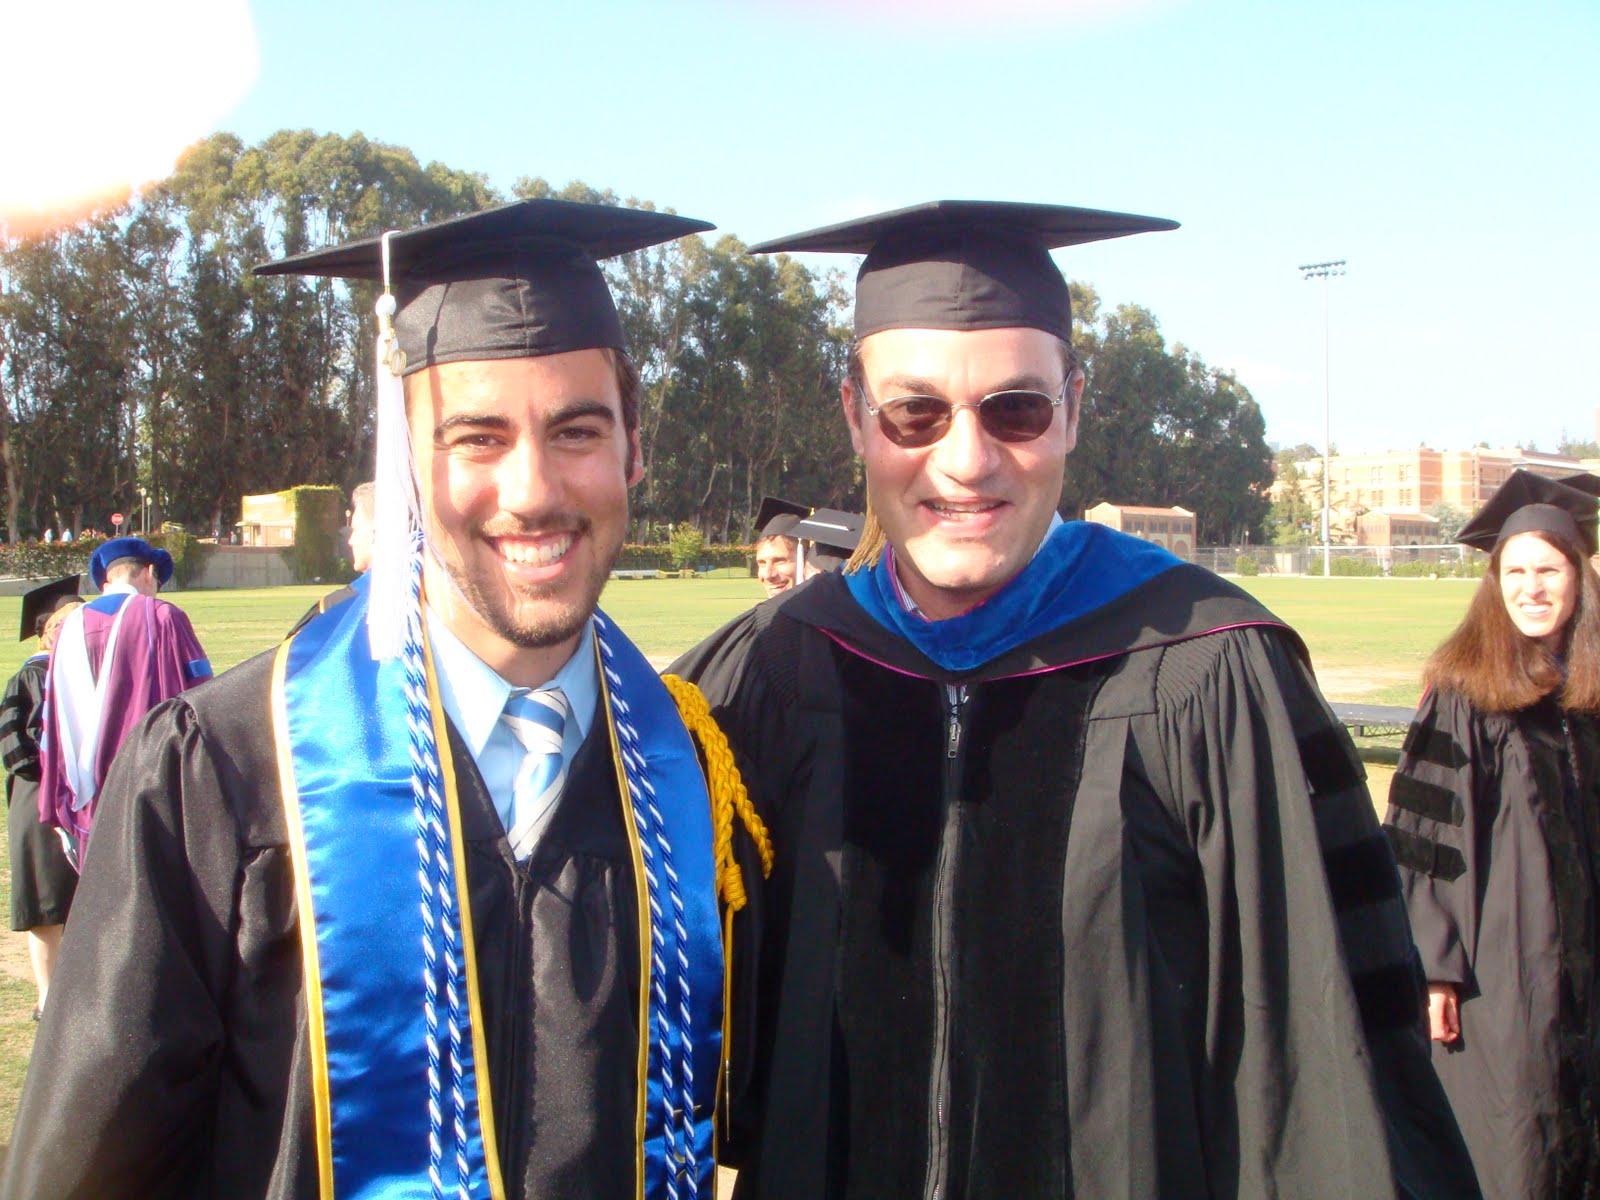 Claves para obtener buenas fotografías de graduación (Parte II)